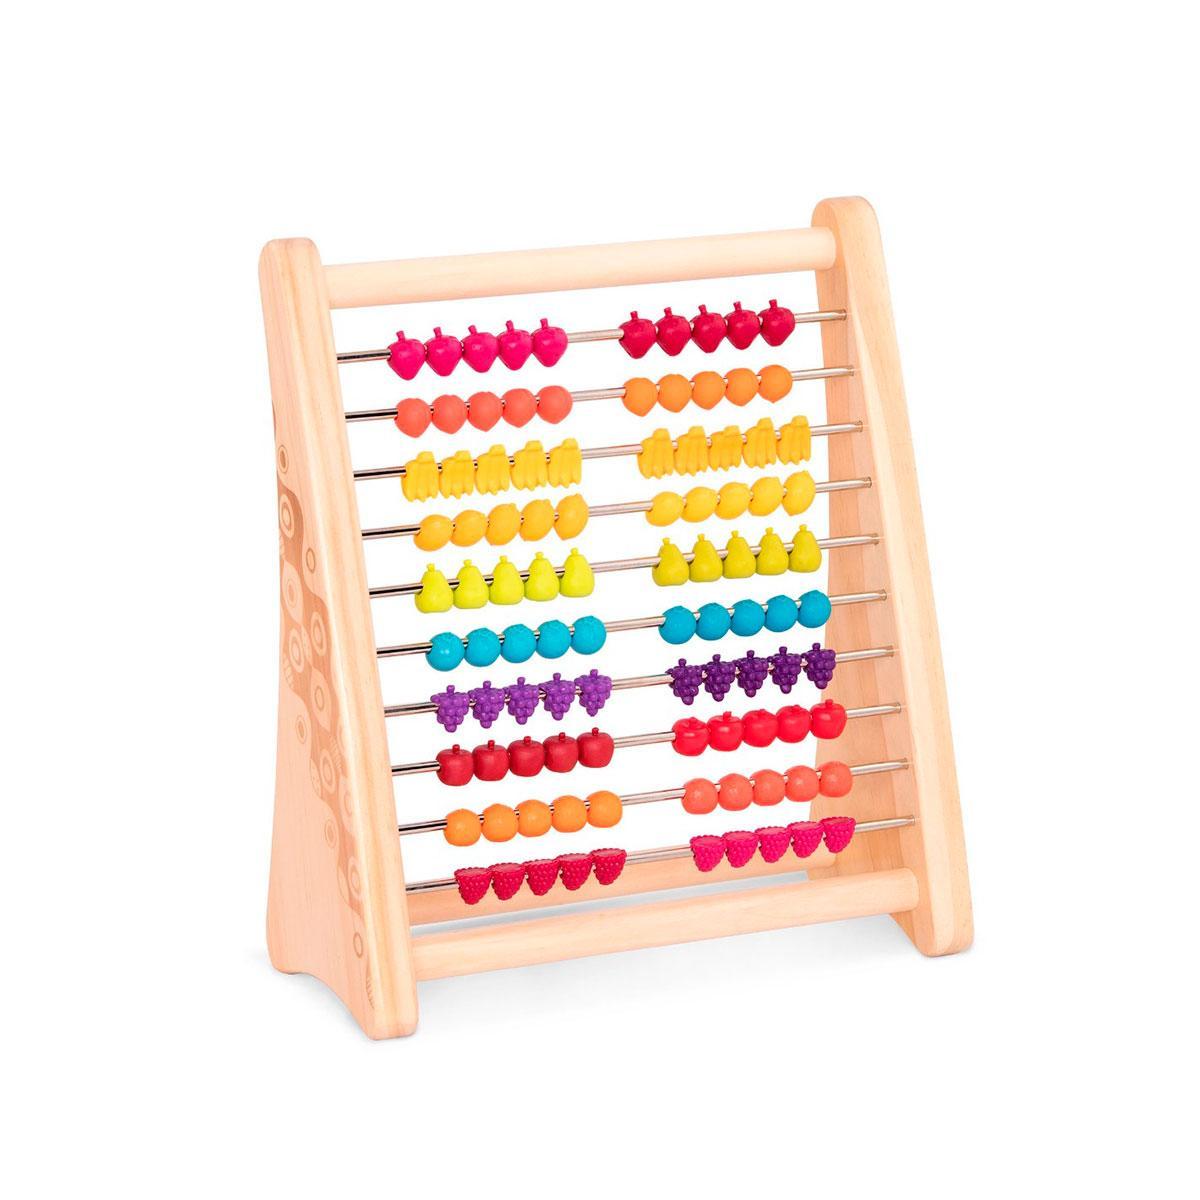 Розвиваюча дерев'яна іграшка-рахунки - ТУТТІ-ФРУТТІ, BX1778Z